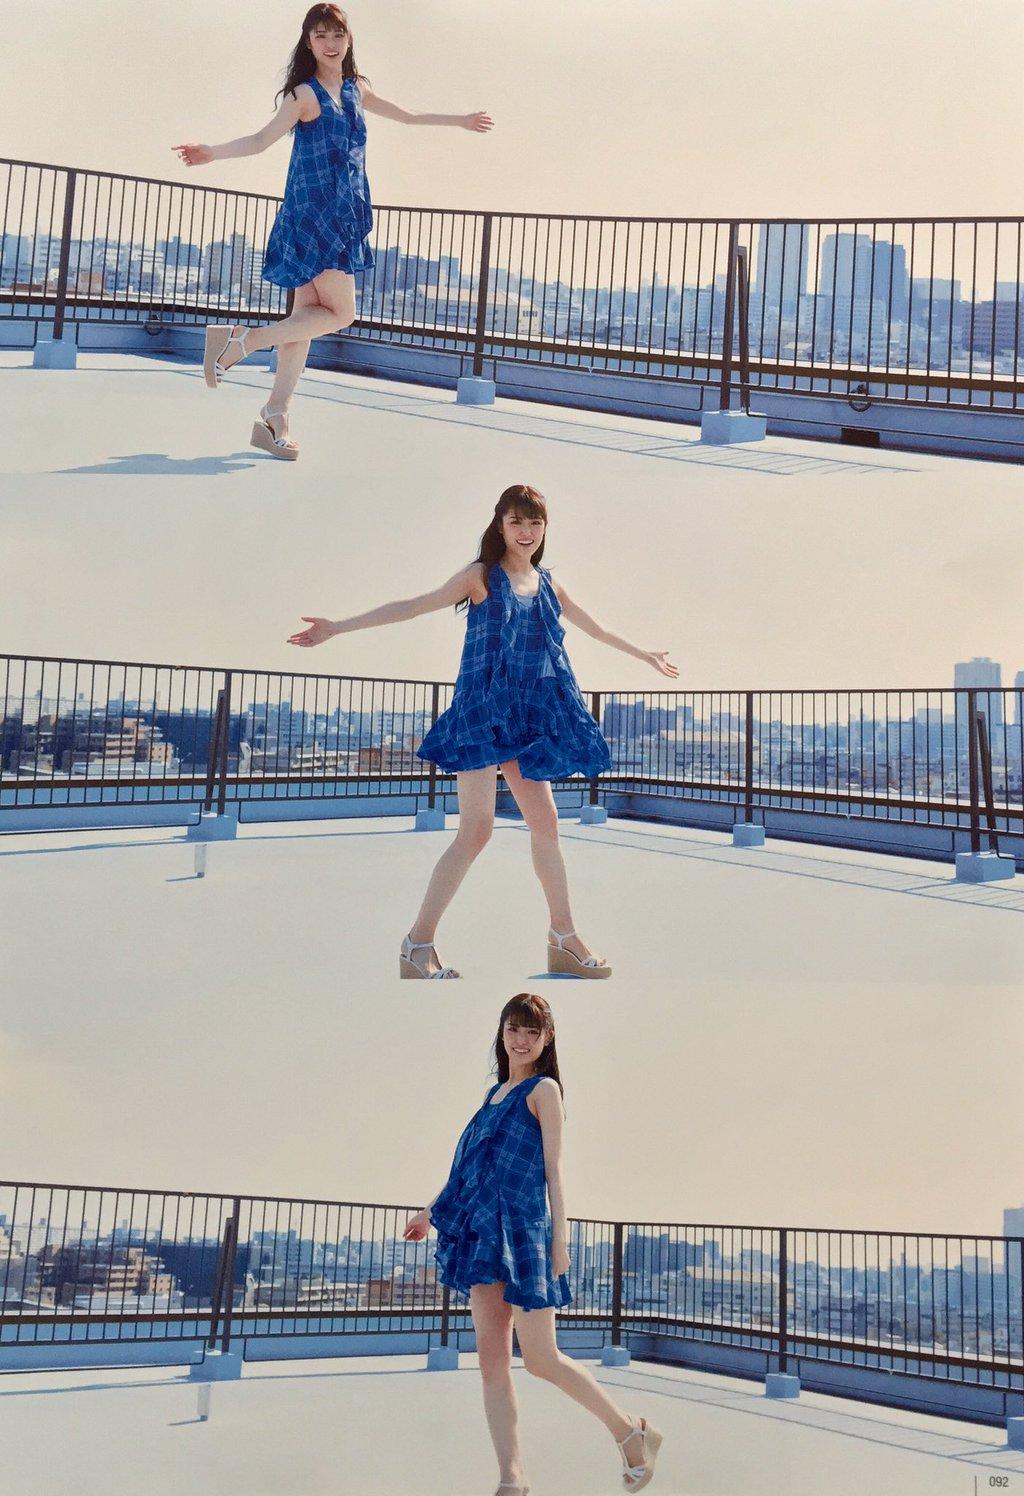 乃木坂46松村沙友理の写真集水着姿のエロ画像100枚・38枚目の画像